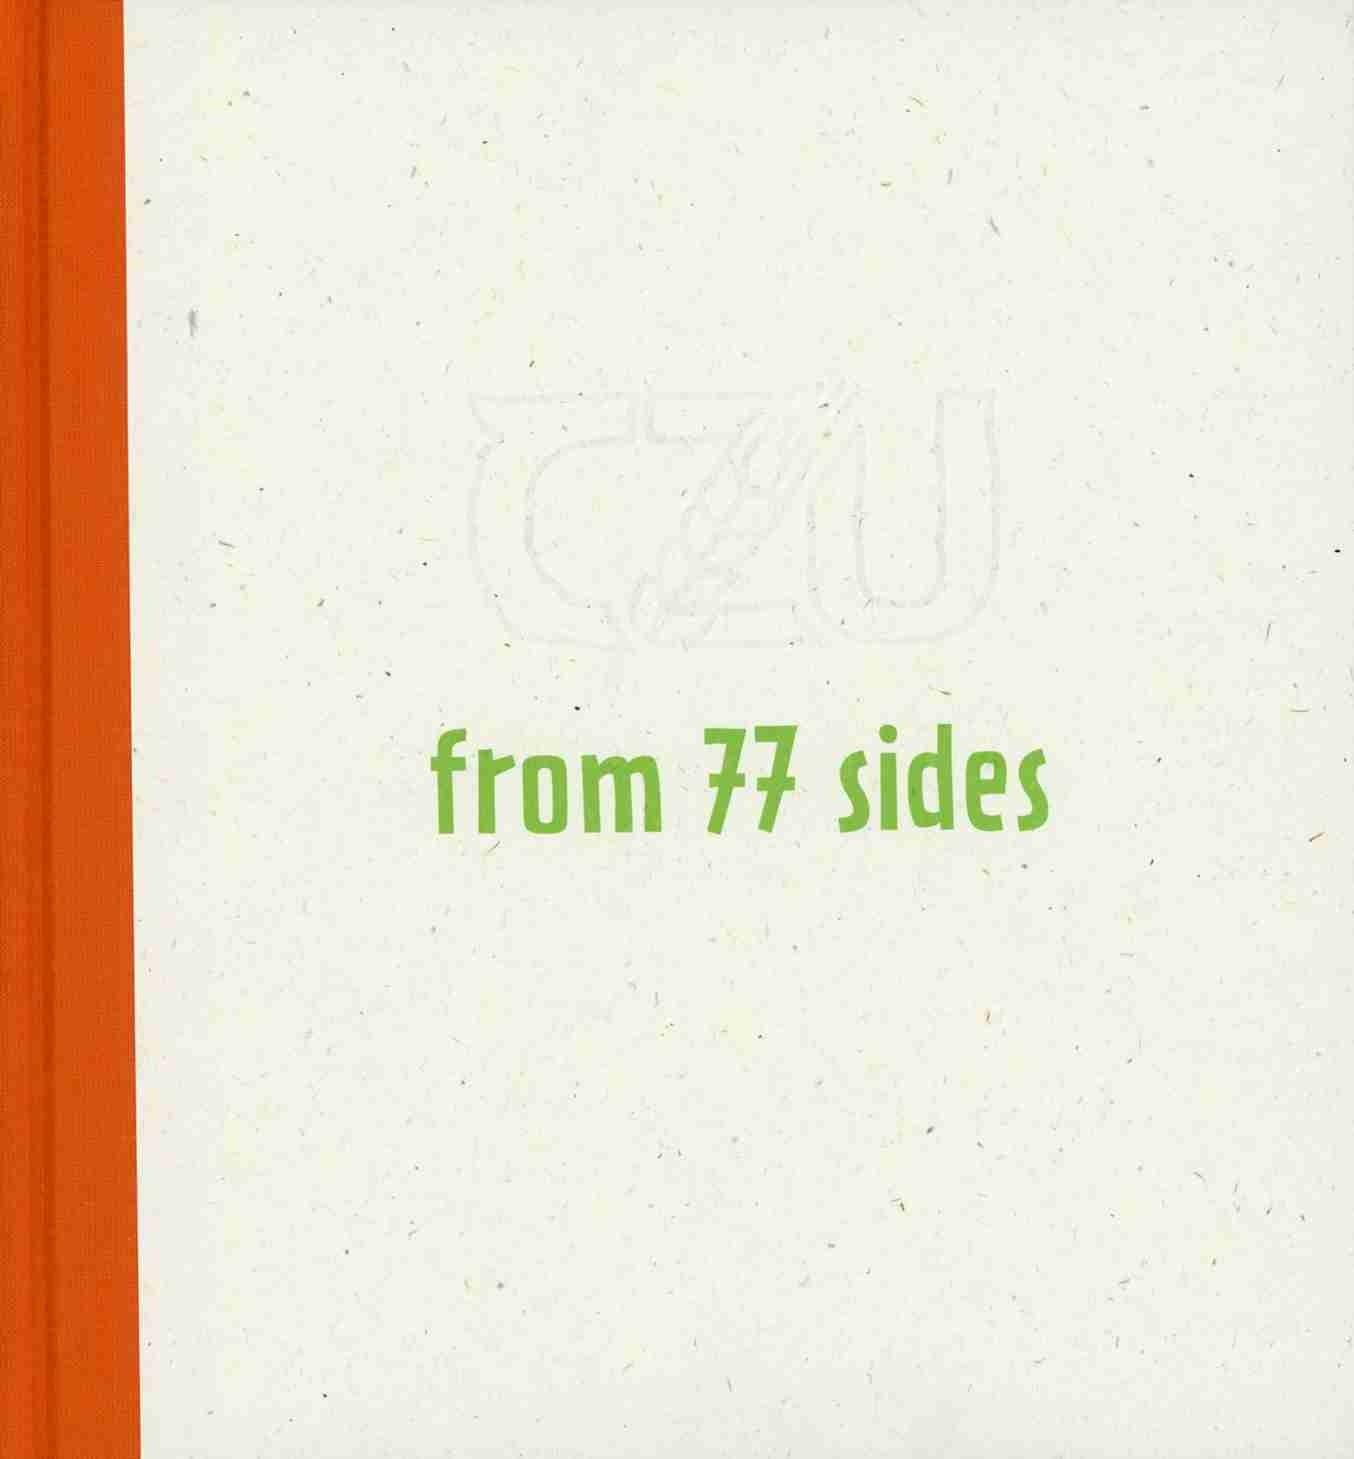 ČZU from 77 sides